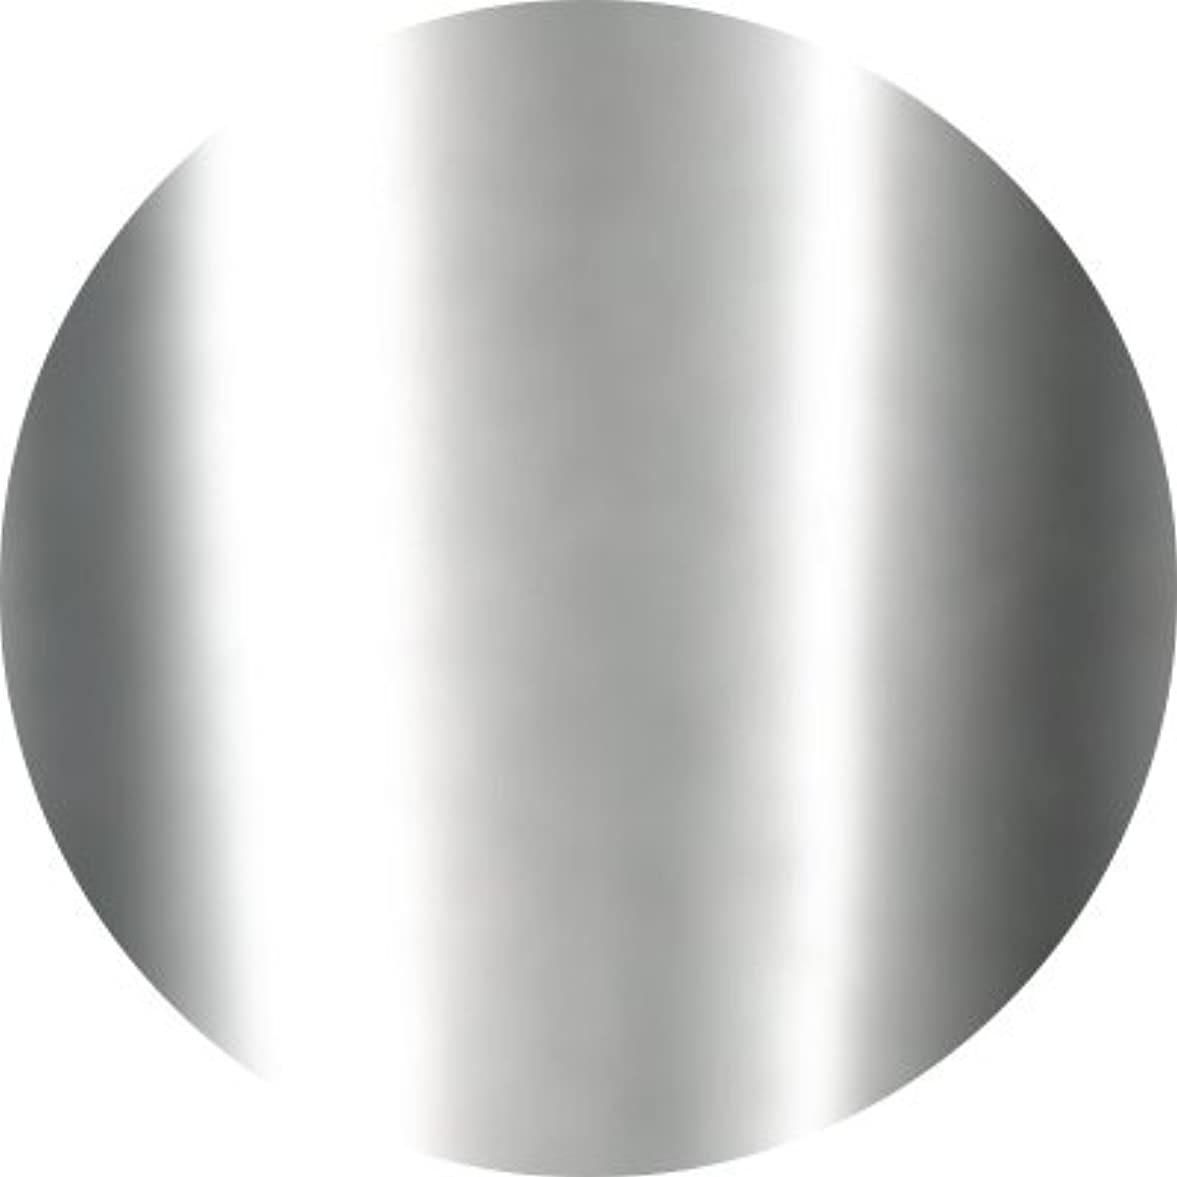 無視ピルわかるJewelry jel(ジュエリージェル) カラージェル 5ml<BR>ピッカピカメタリック MKシルバー